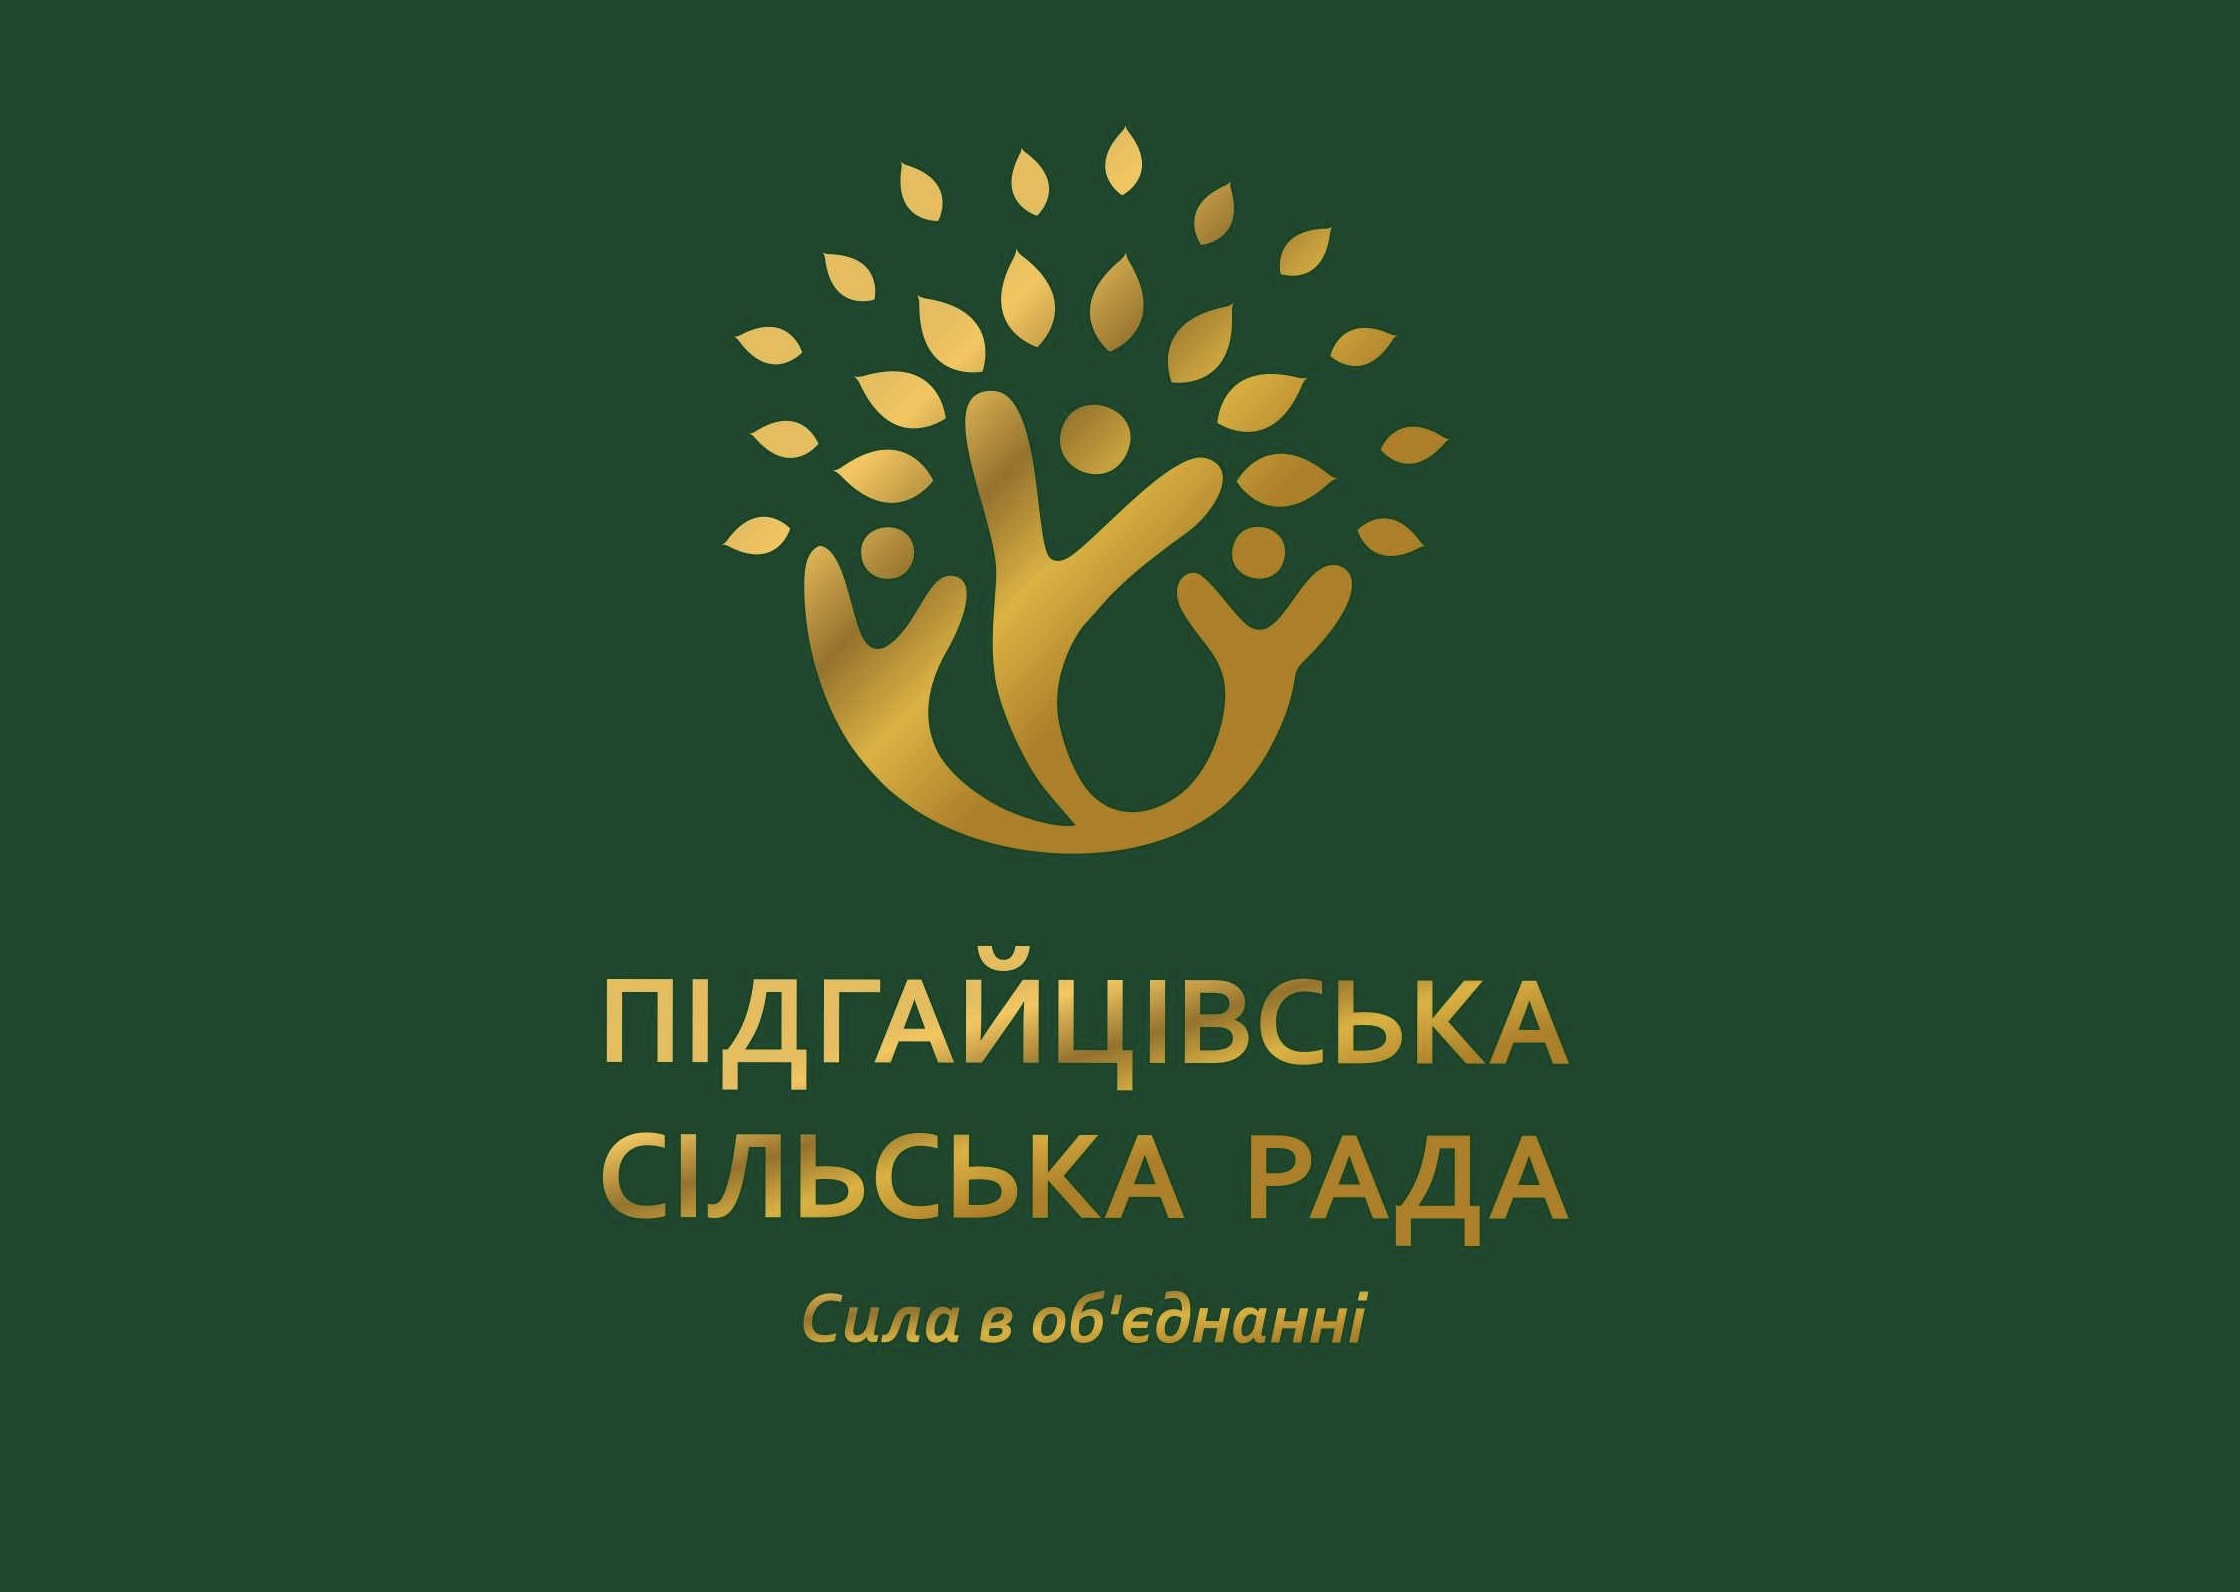 Оголошення про скликання десятої чергової сесії Підгайцівської сільської ради